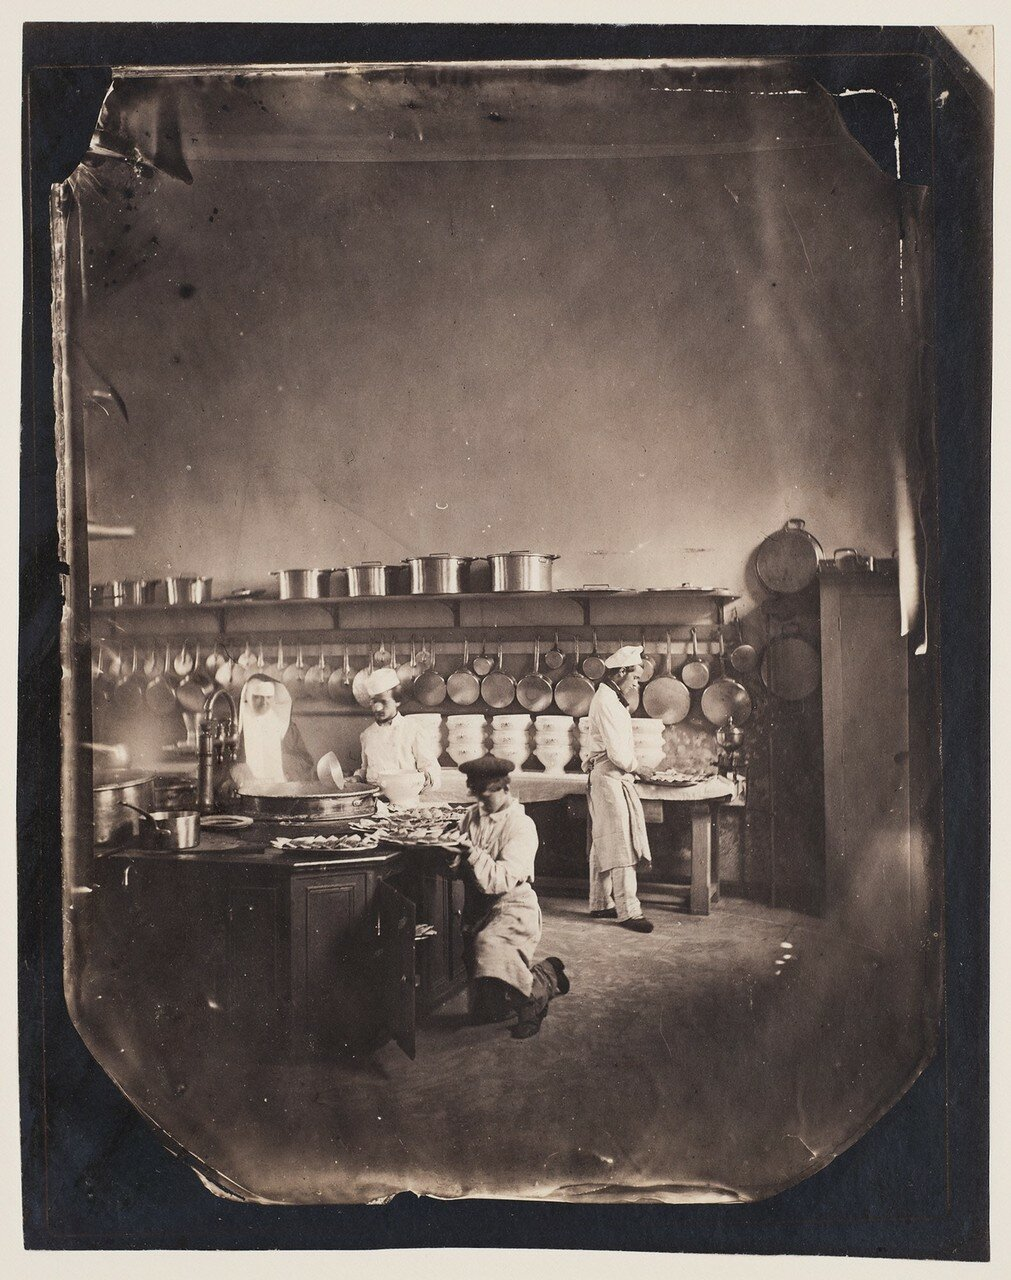 1859. Кухня императорской психиатрической клиники в Венсене